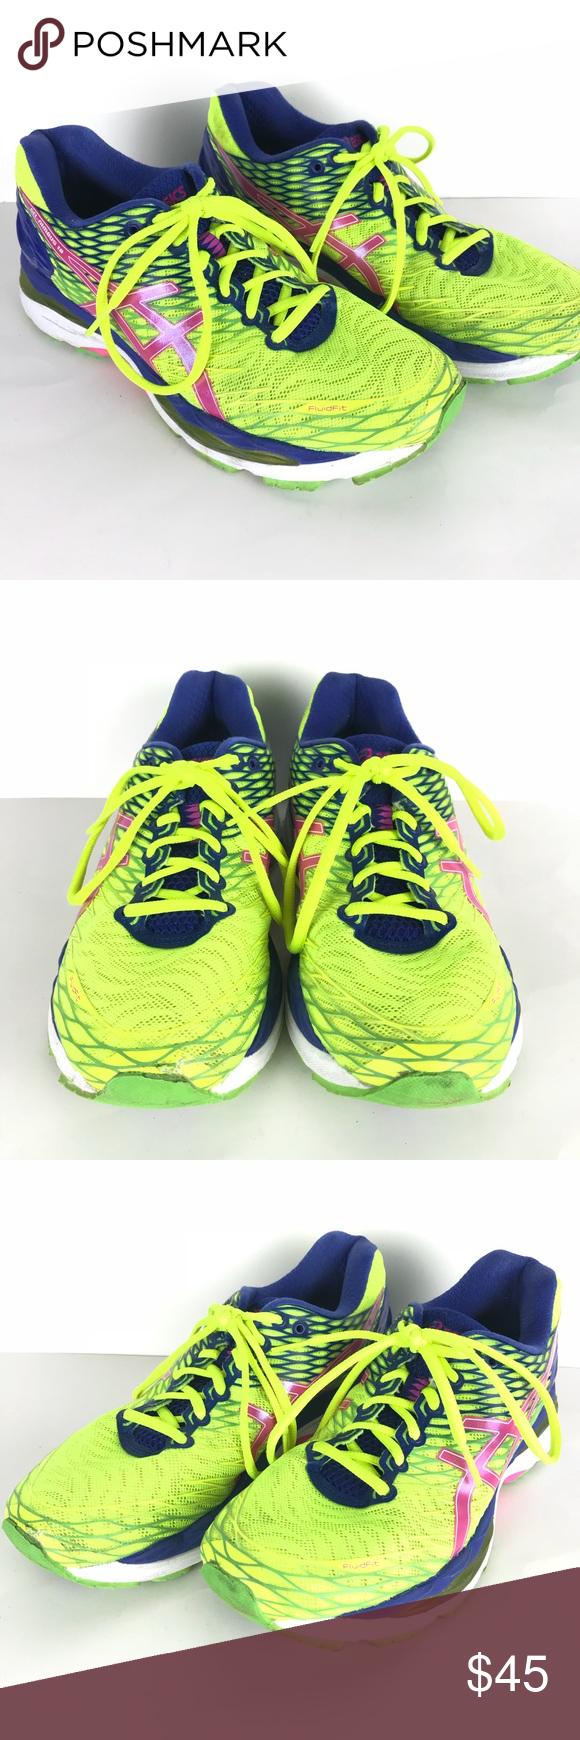 Chaussures de course Asics Gel Nimbus course de 18 Yellow | Pink 10 | e2b51ce - afilia.info